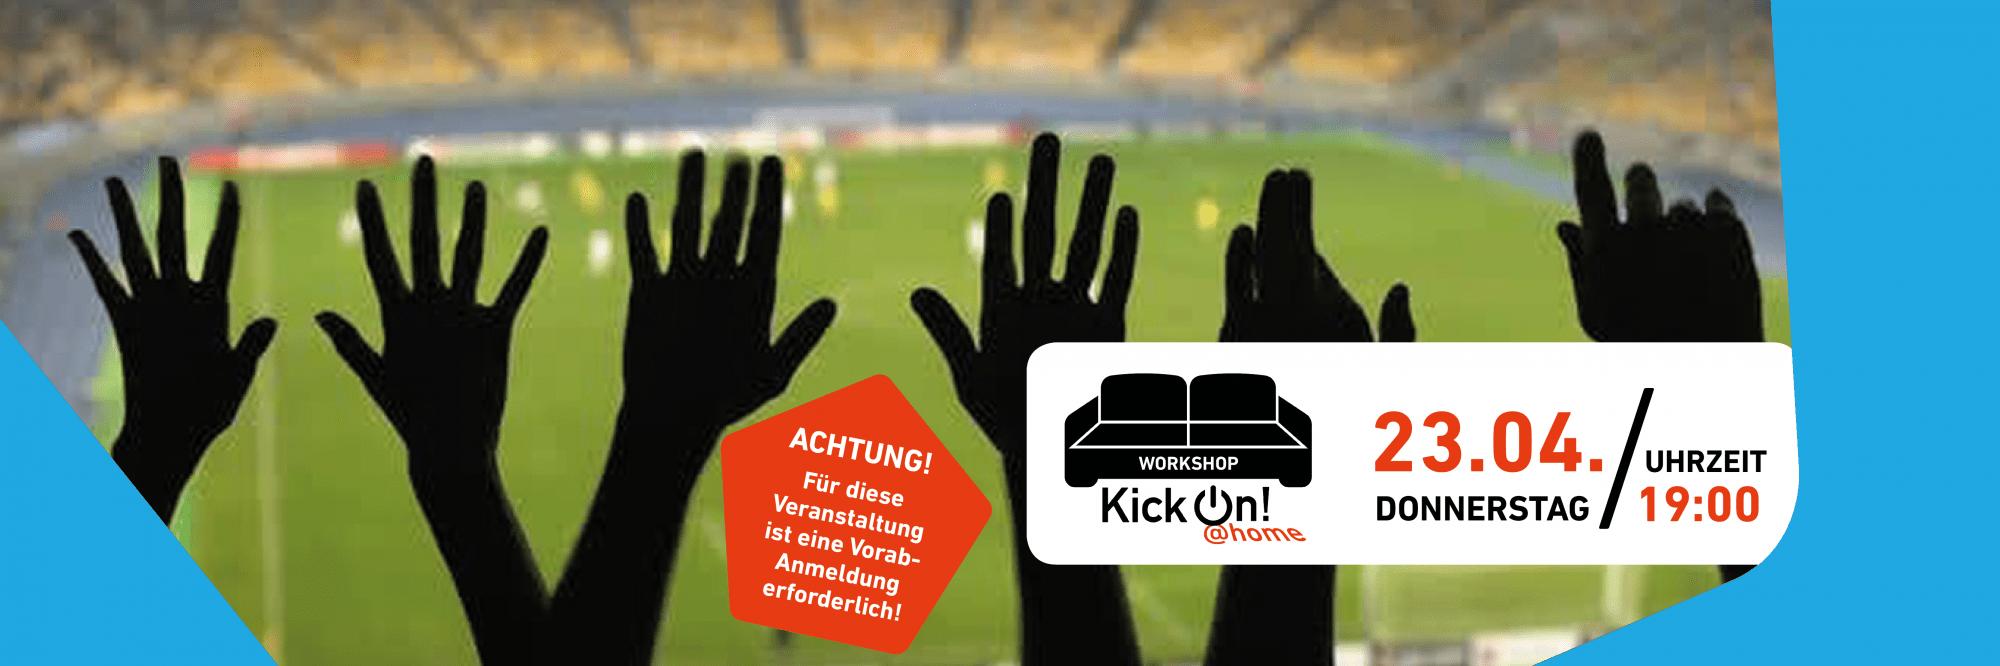 """Mehrere Hände sind in die Höhe gestreckt, dahinter ist ein Fußballfeld zu sehen. Rechts ein weißer Infokasten mit den Daten der Veranstaltung und und Logo der Reihe KickOn @Home - ein schwarz-weißes Sofa mit einem Mann mit Fähnchen und Fußball in Seitenlage, darunter der Text """"KickOn @Home"""""""